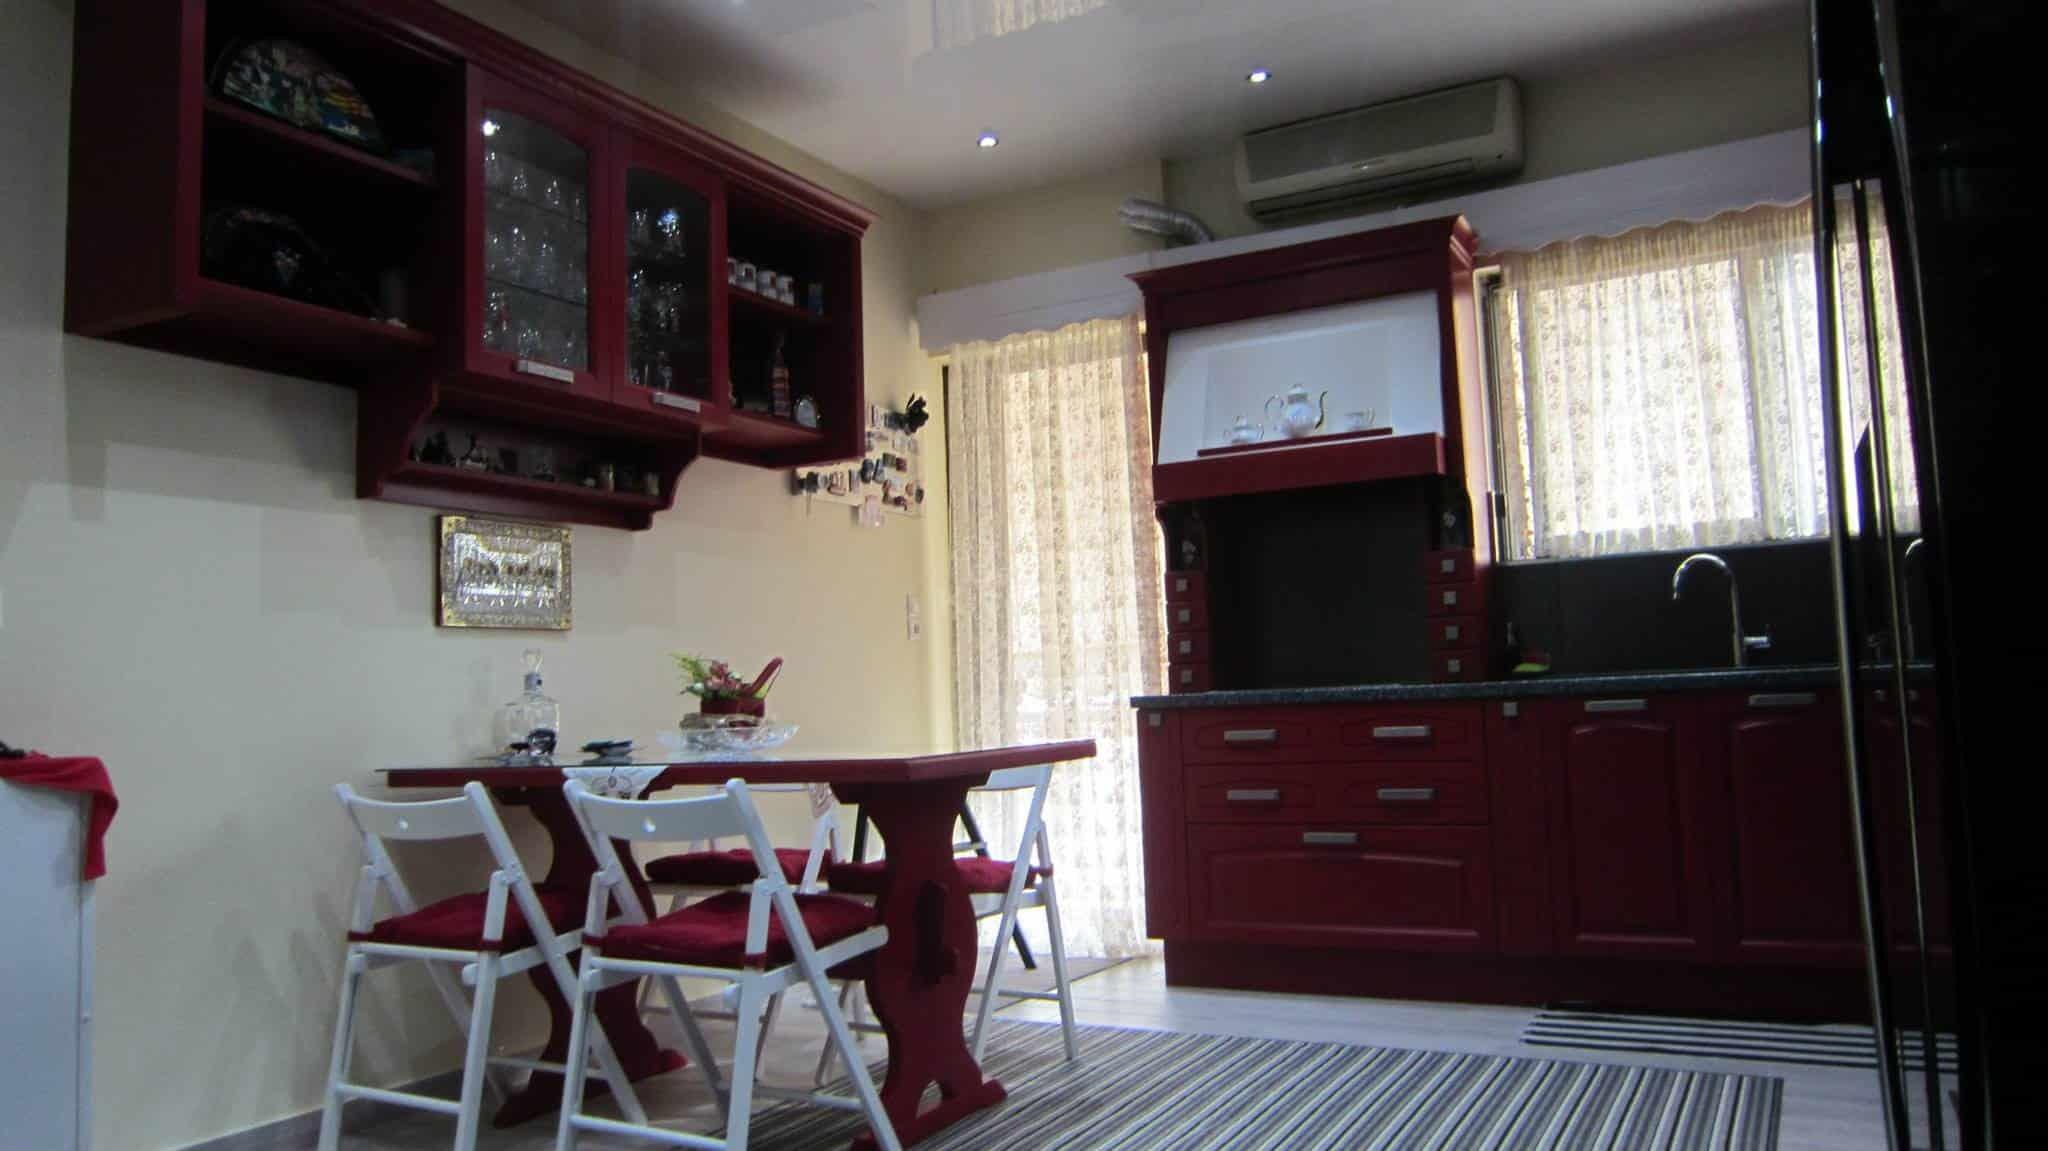 κόκκινη κουζίνα Midacharme σε νεοκλασσικό ύφος